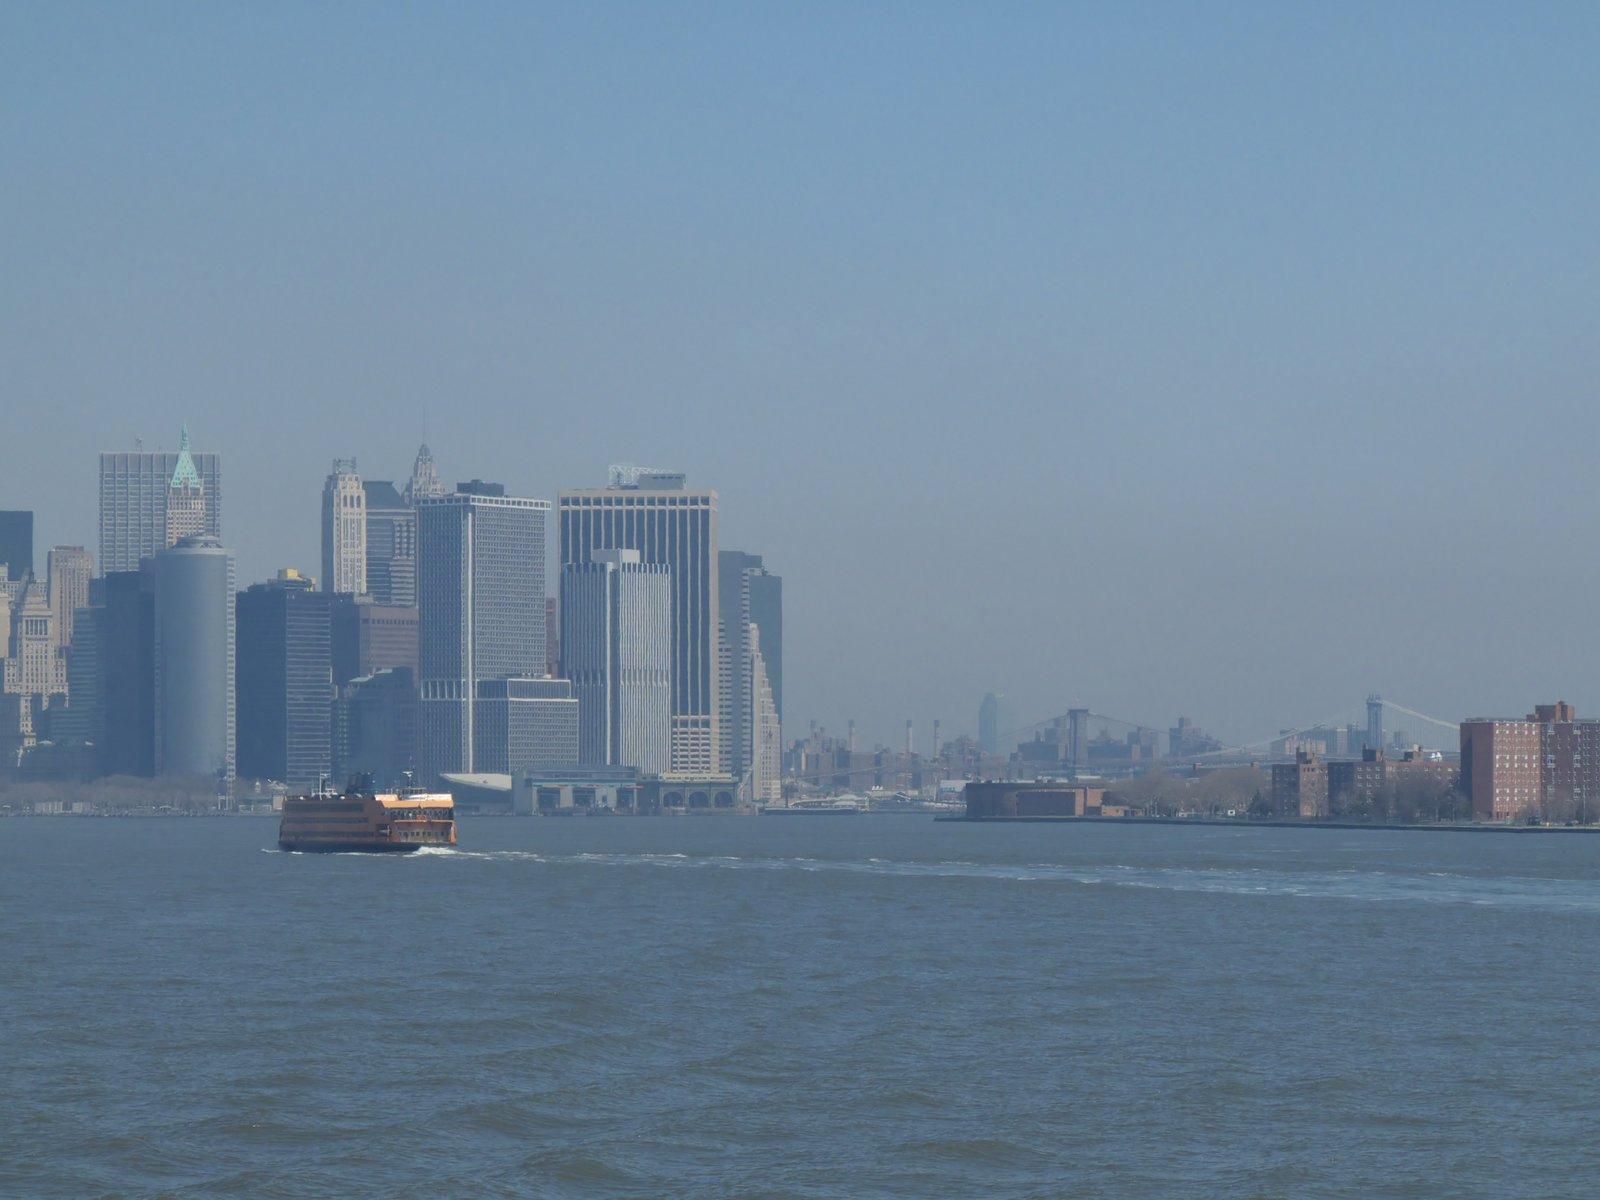 Port Richmond Staten Island, NY Private Investigator